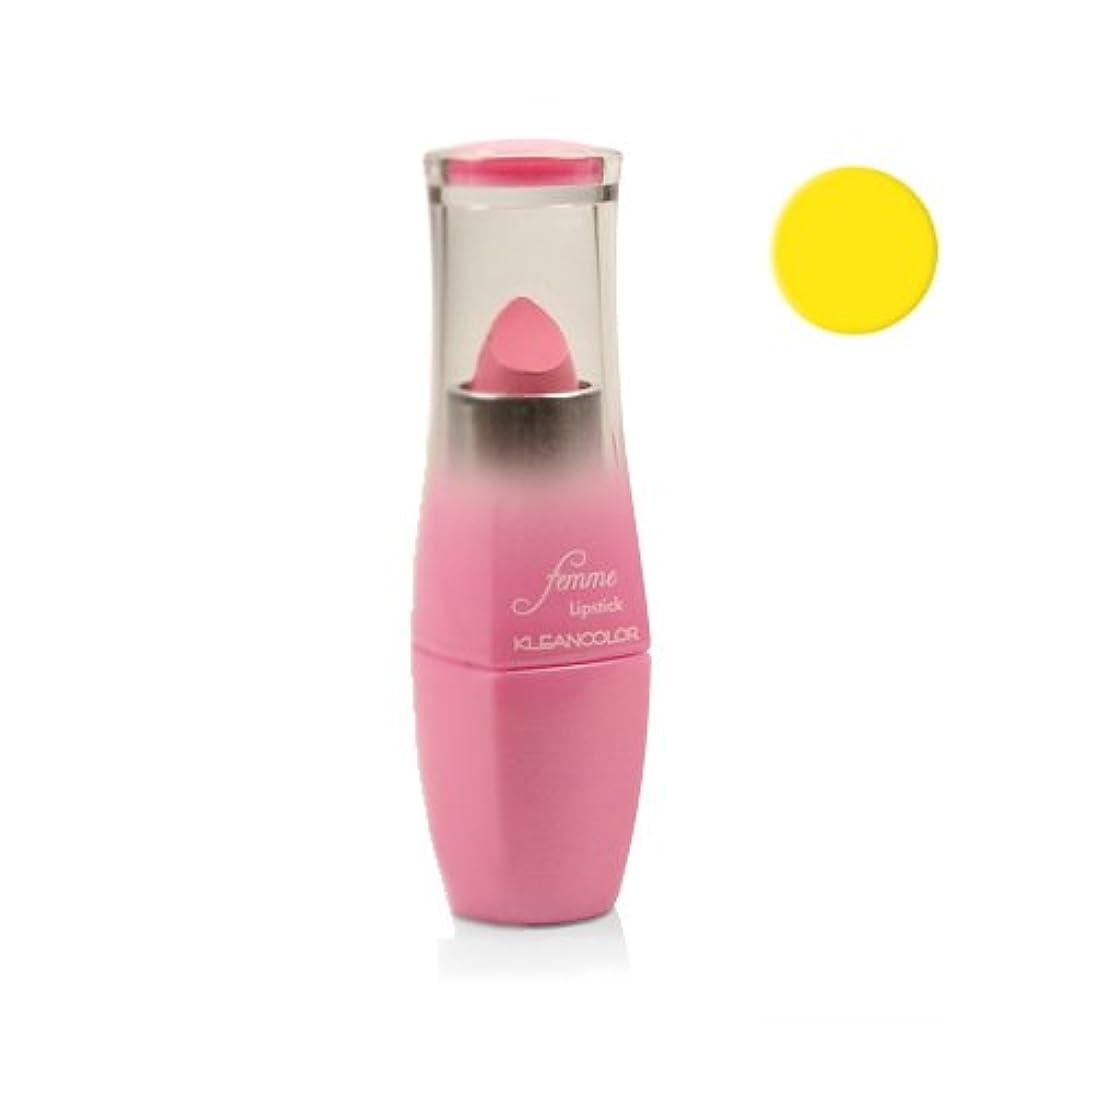 語高揚した猛烈な(6 Pack) KLEANCOLOR Femme Lipstick - Lighting Struck (並行輸入品)